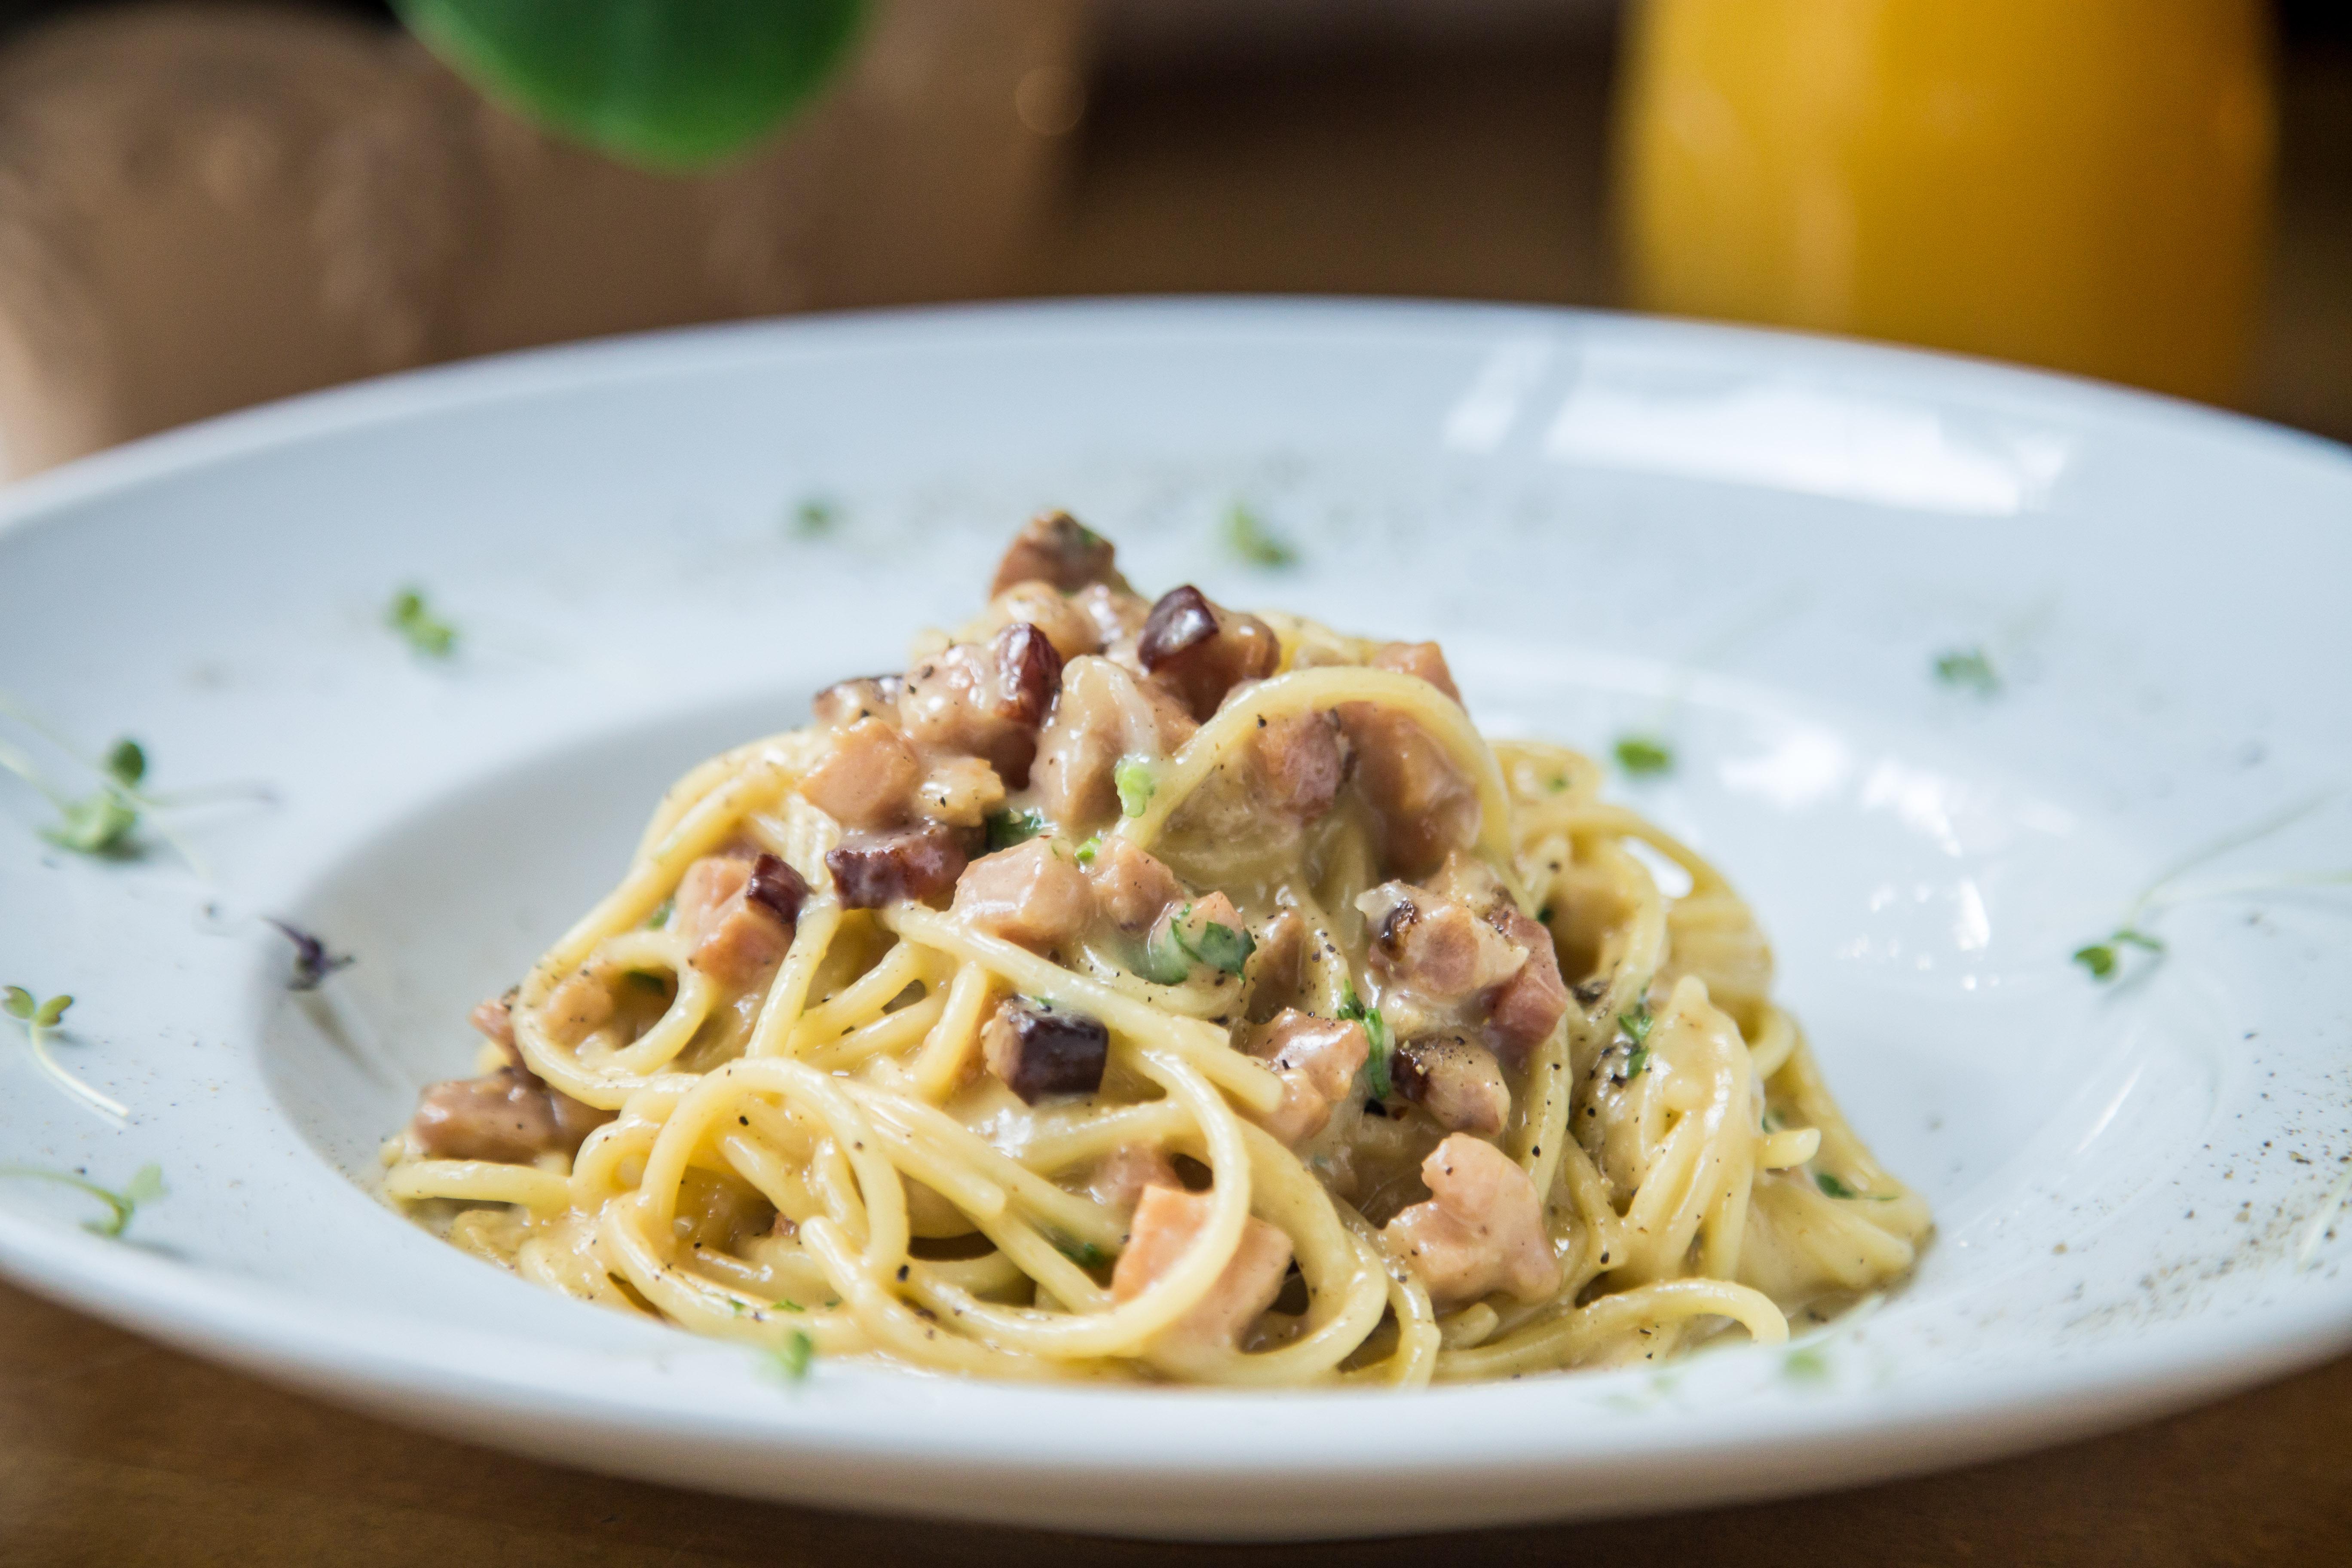 Geppos Italiano lança serviço próprio de delivery. Vem saber!